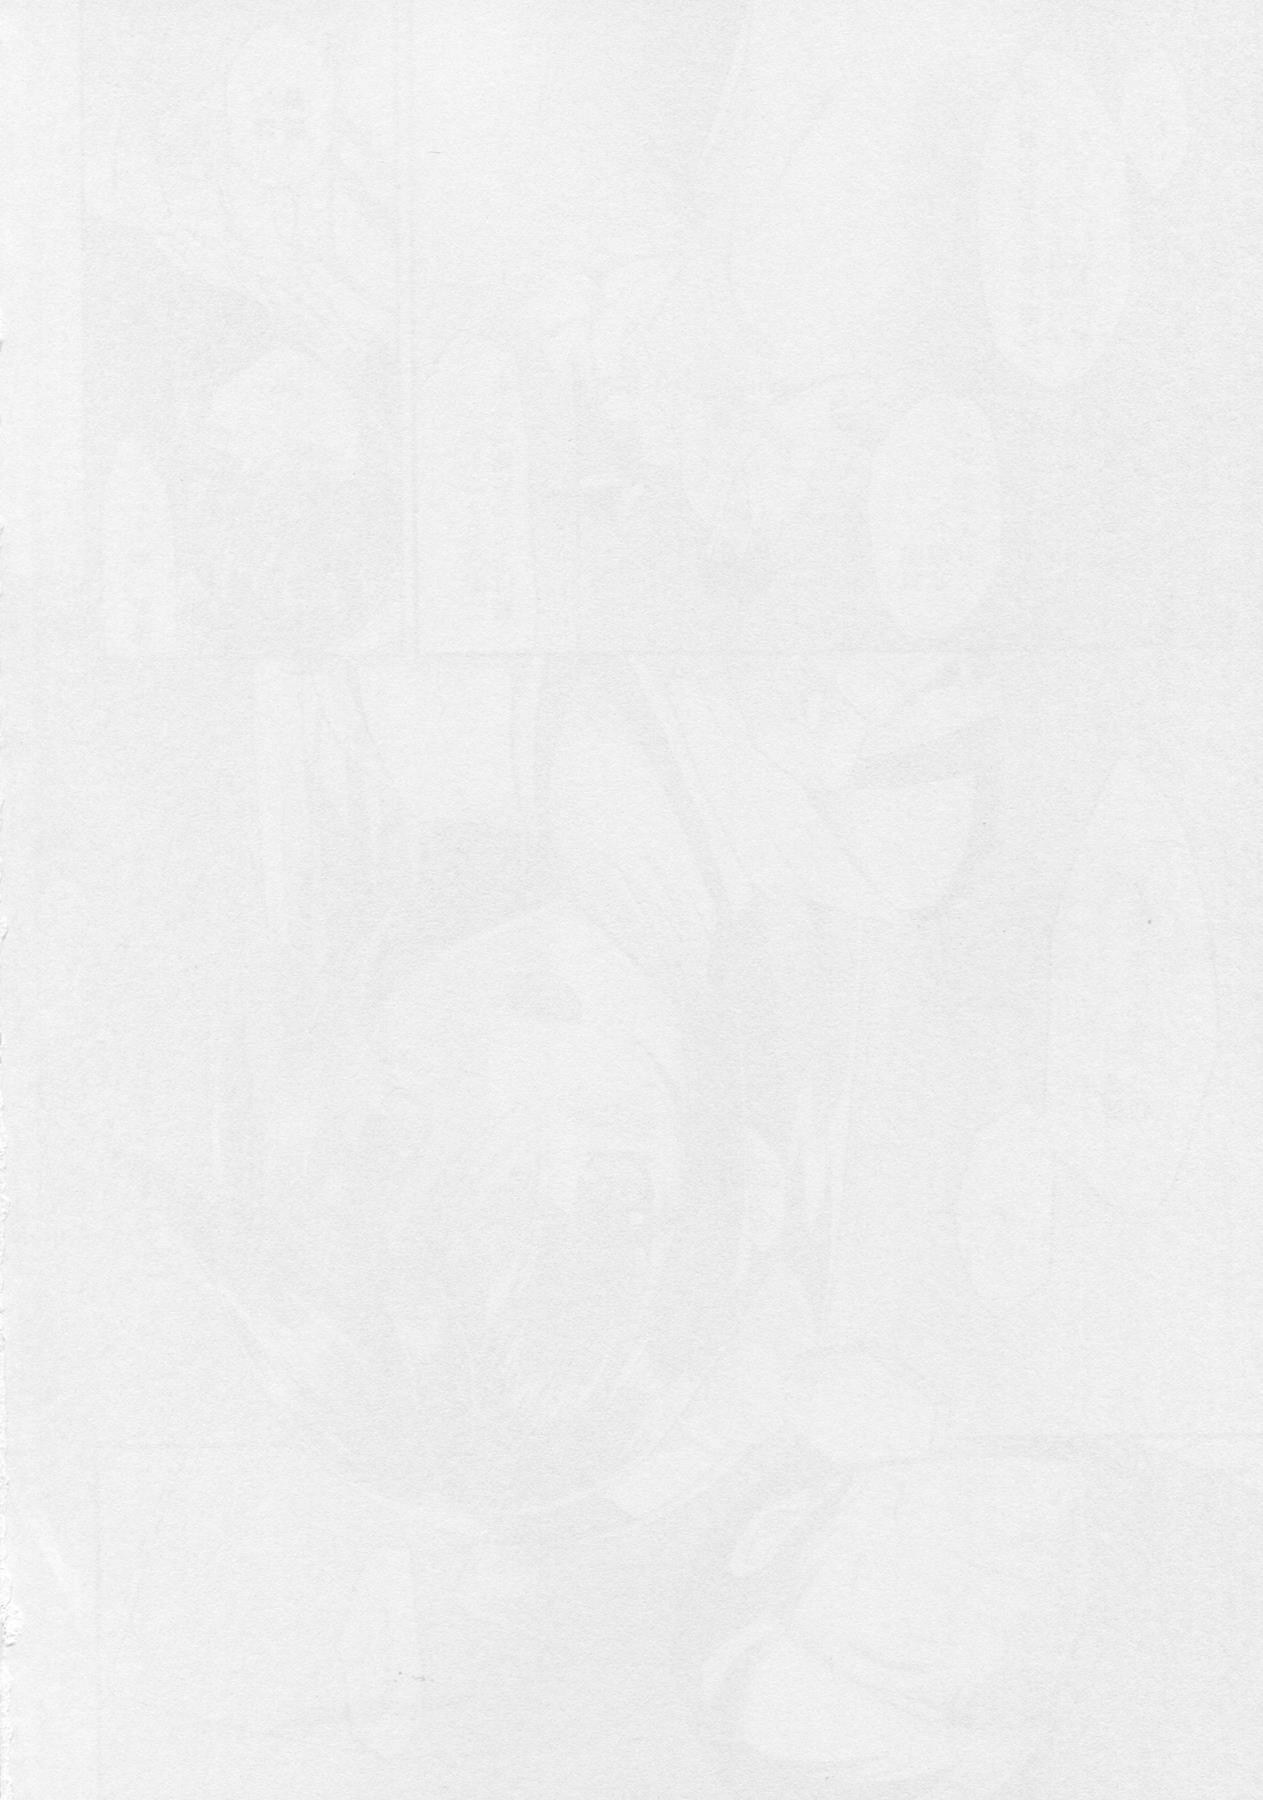 【エロ漫画】棒名が病み上がりの提督にオマンコ弄くられてまんざらでもなく